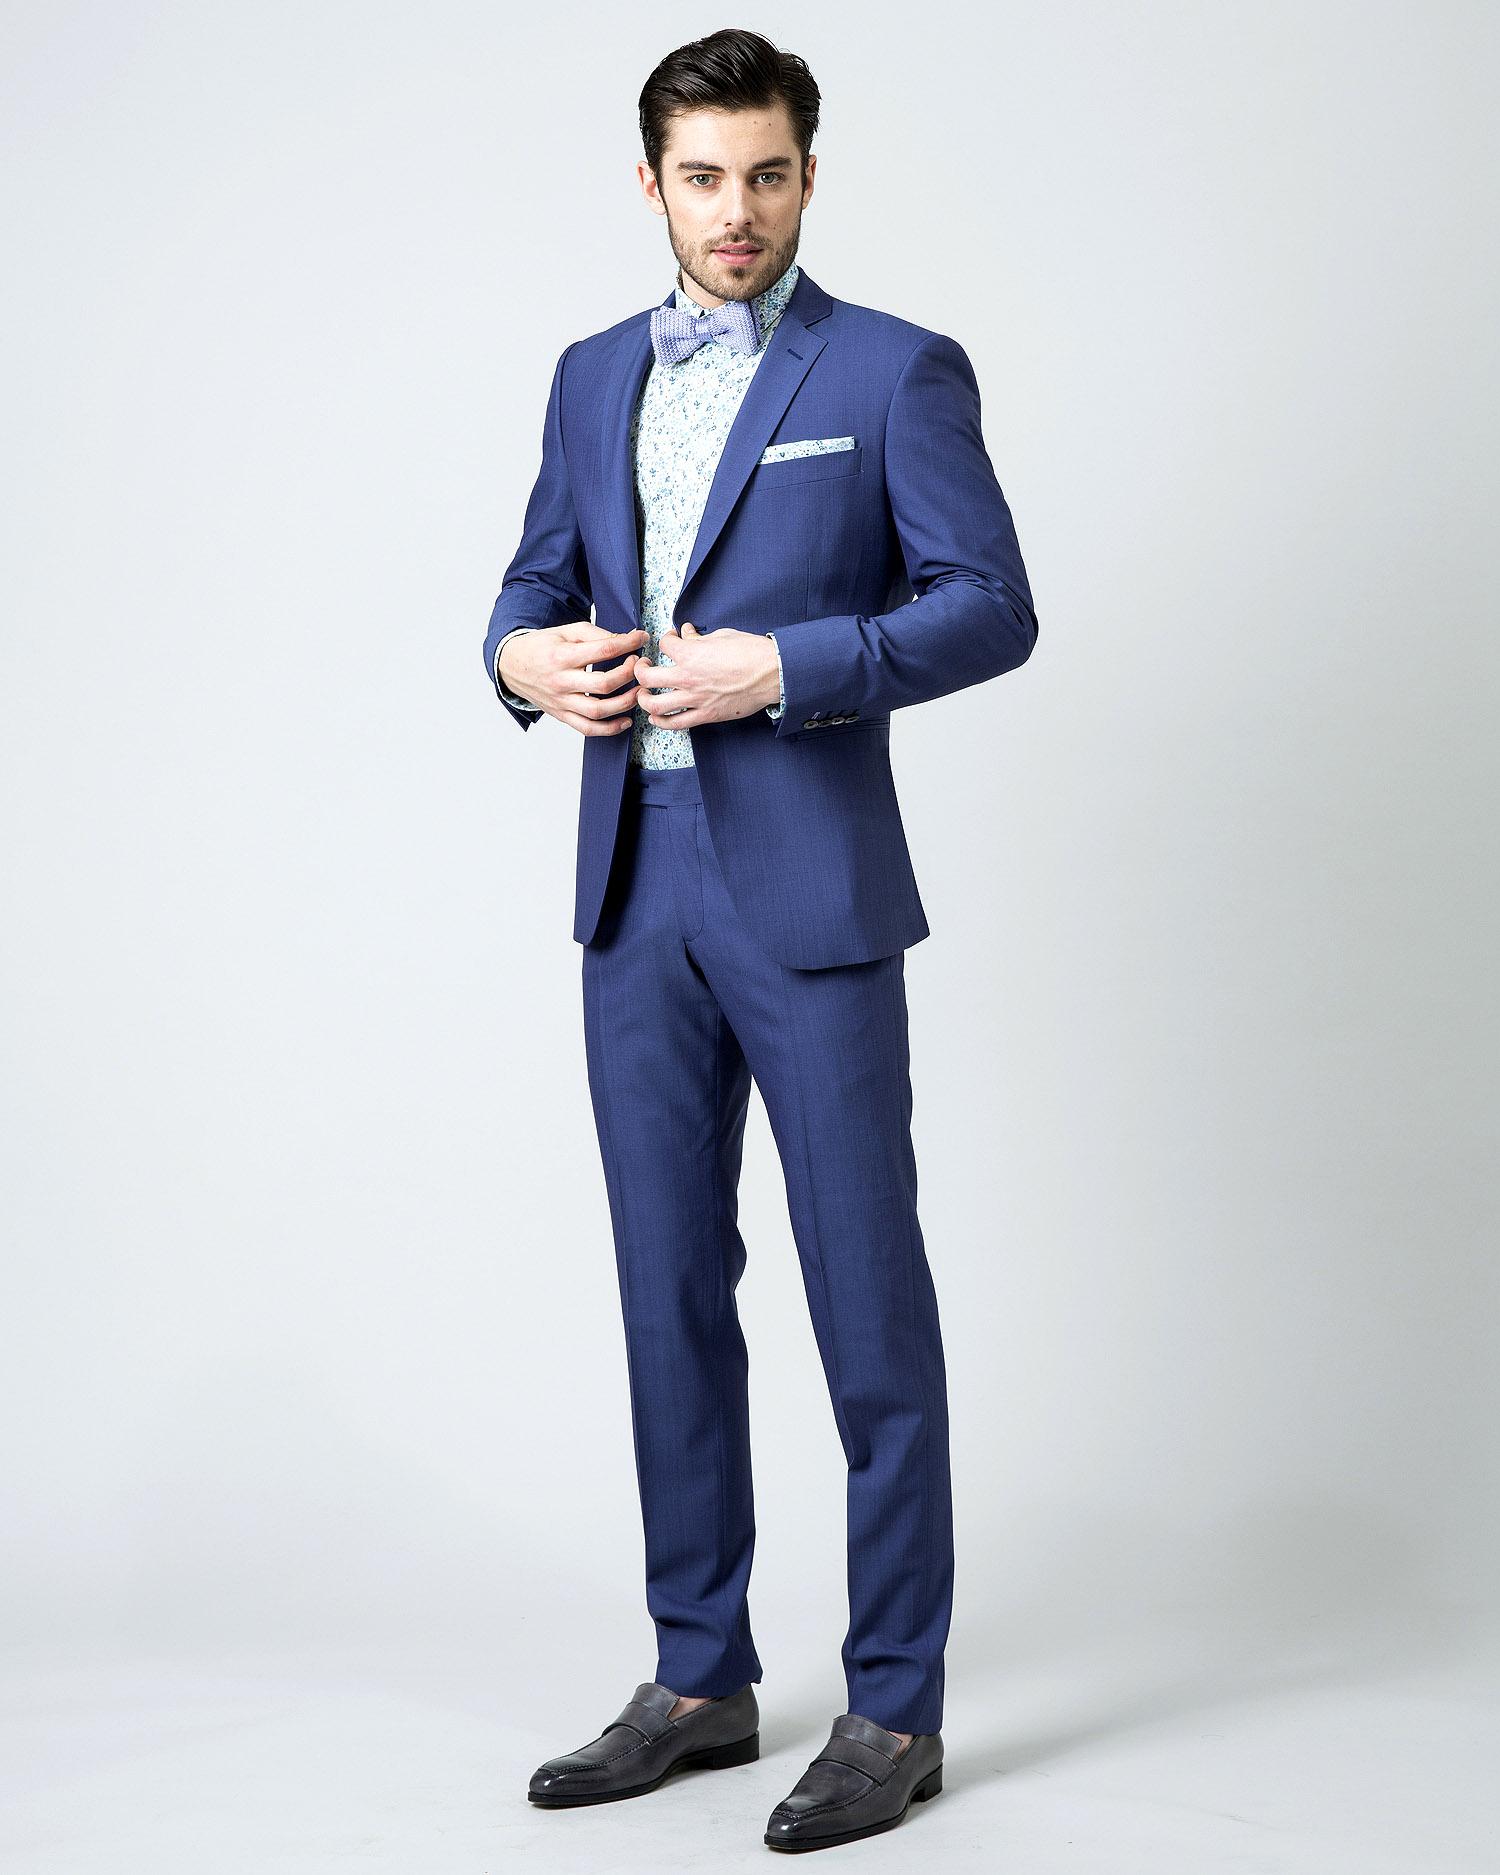 costume bleu je viens d 39 en acheter un et je l 39 adore. Black Bedroom Furniture Sets. Home Design Ideas